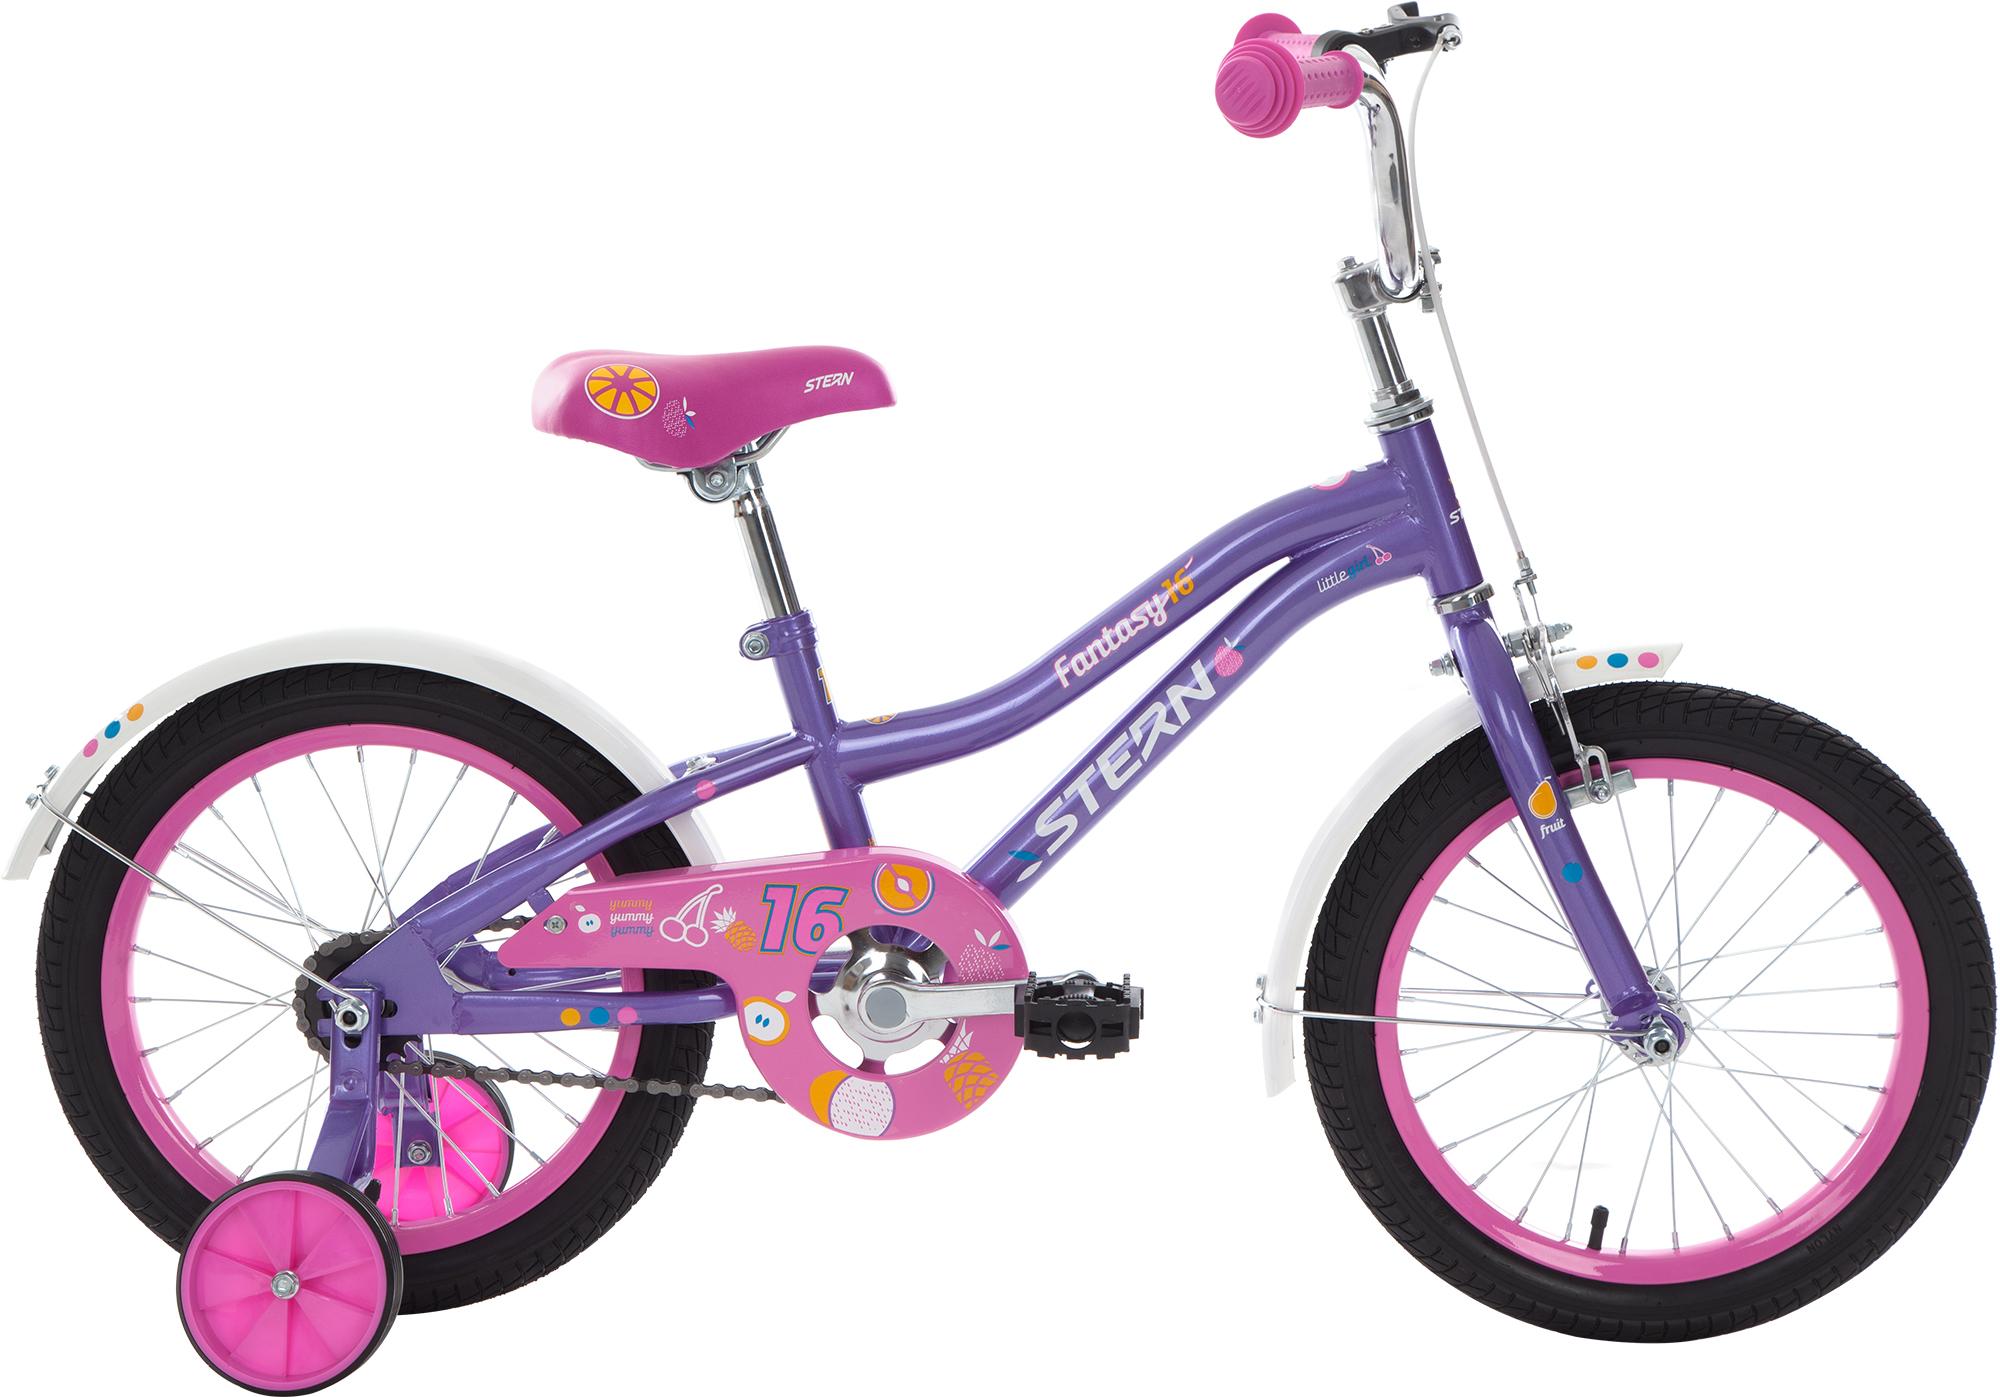 Stern Велосипед для девочек Stern Fantasy 16 цена